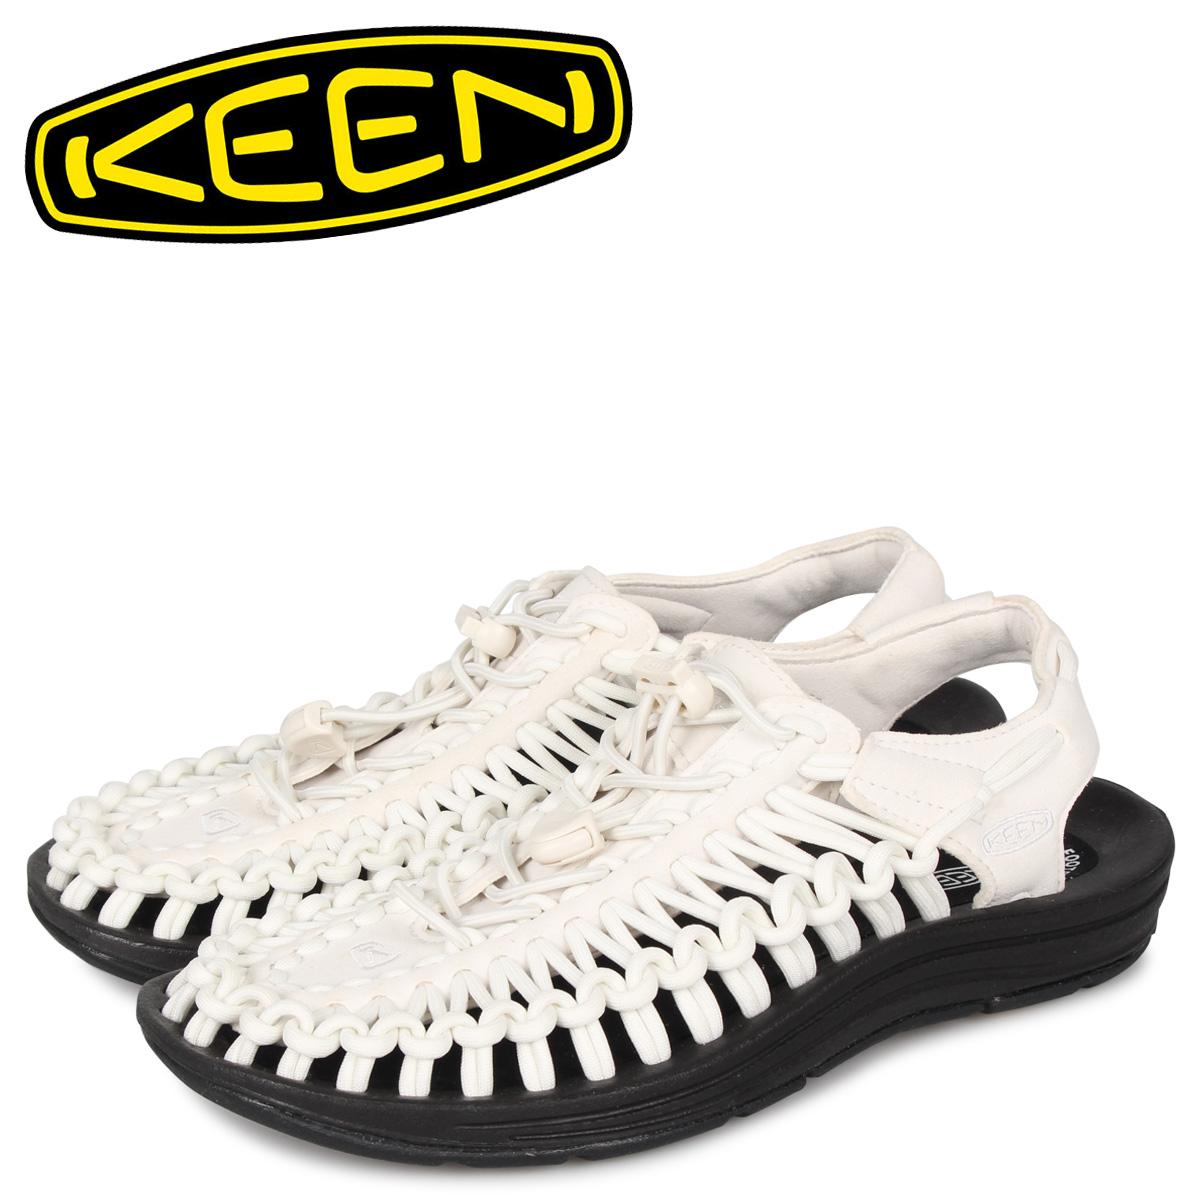 KEEN キーン ユニーク サンダル スポーツサンダル レディース UNEEK ホワイト 白 1023170